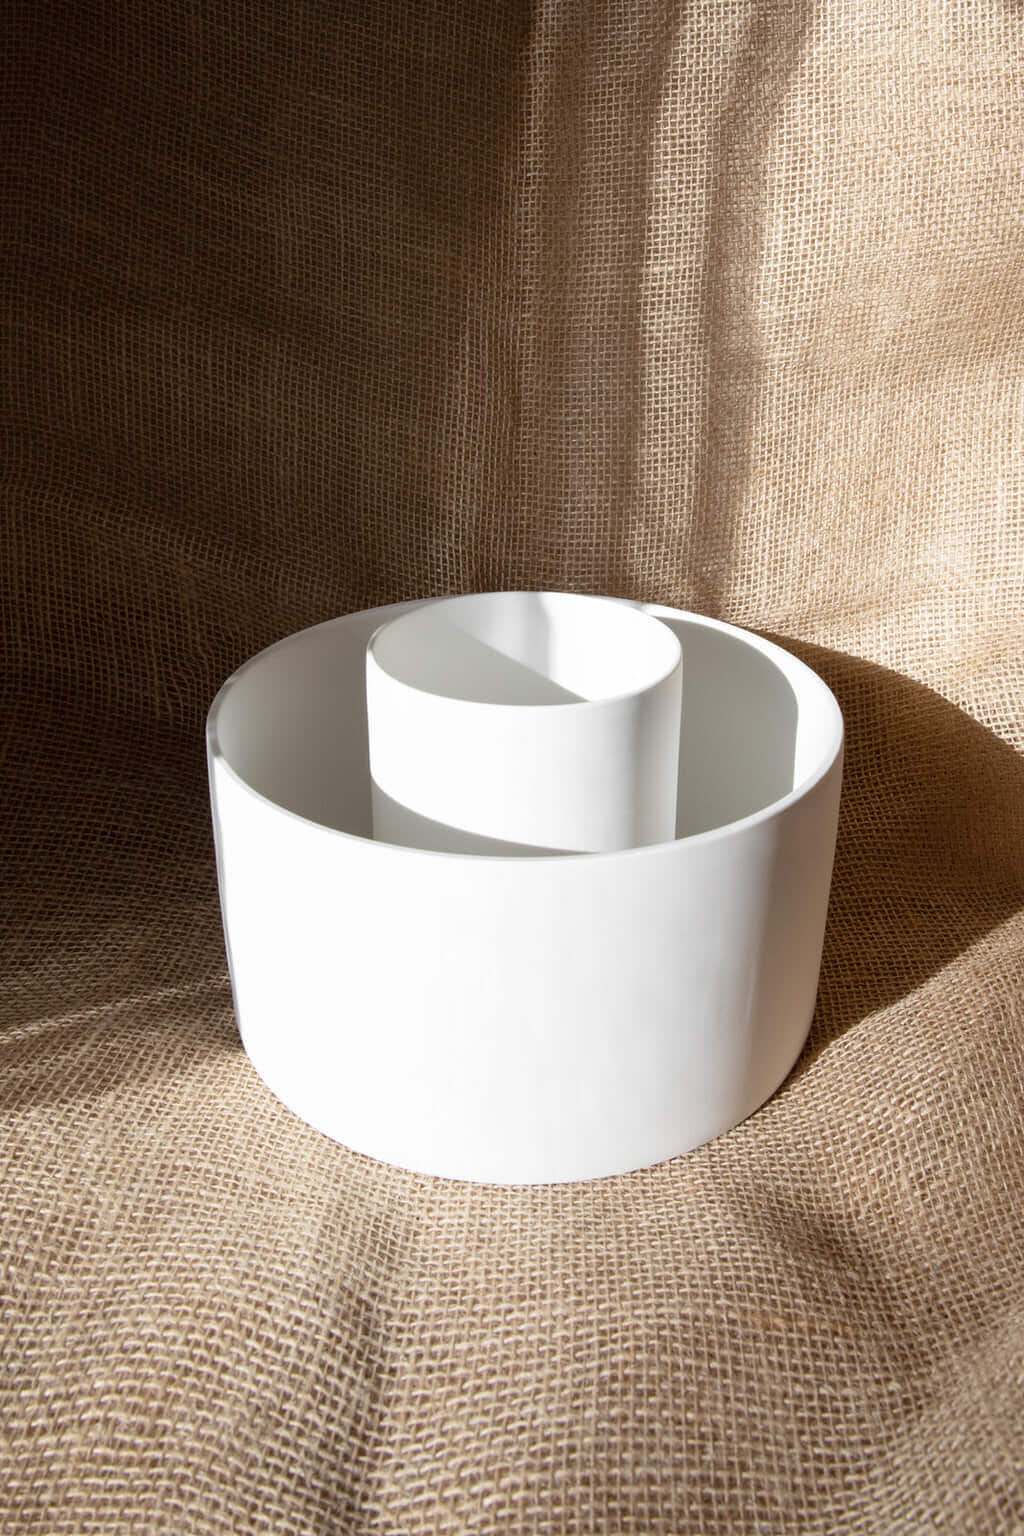 Slim Ceramic Planter 2946 White 3